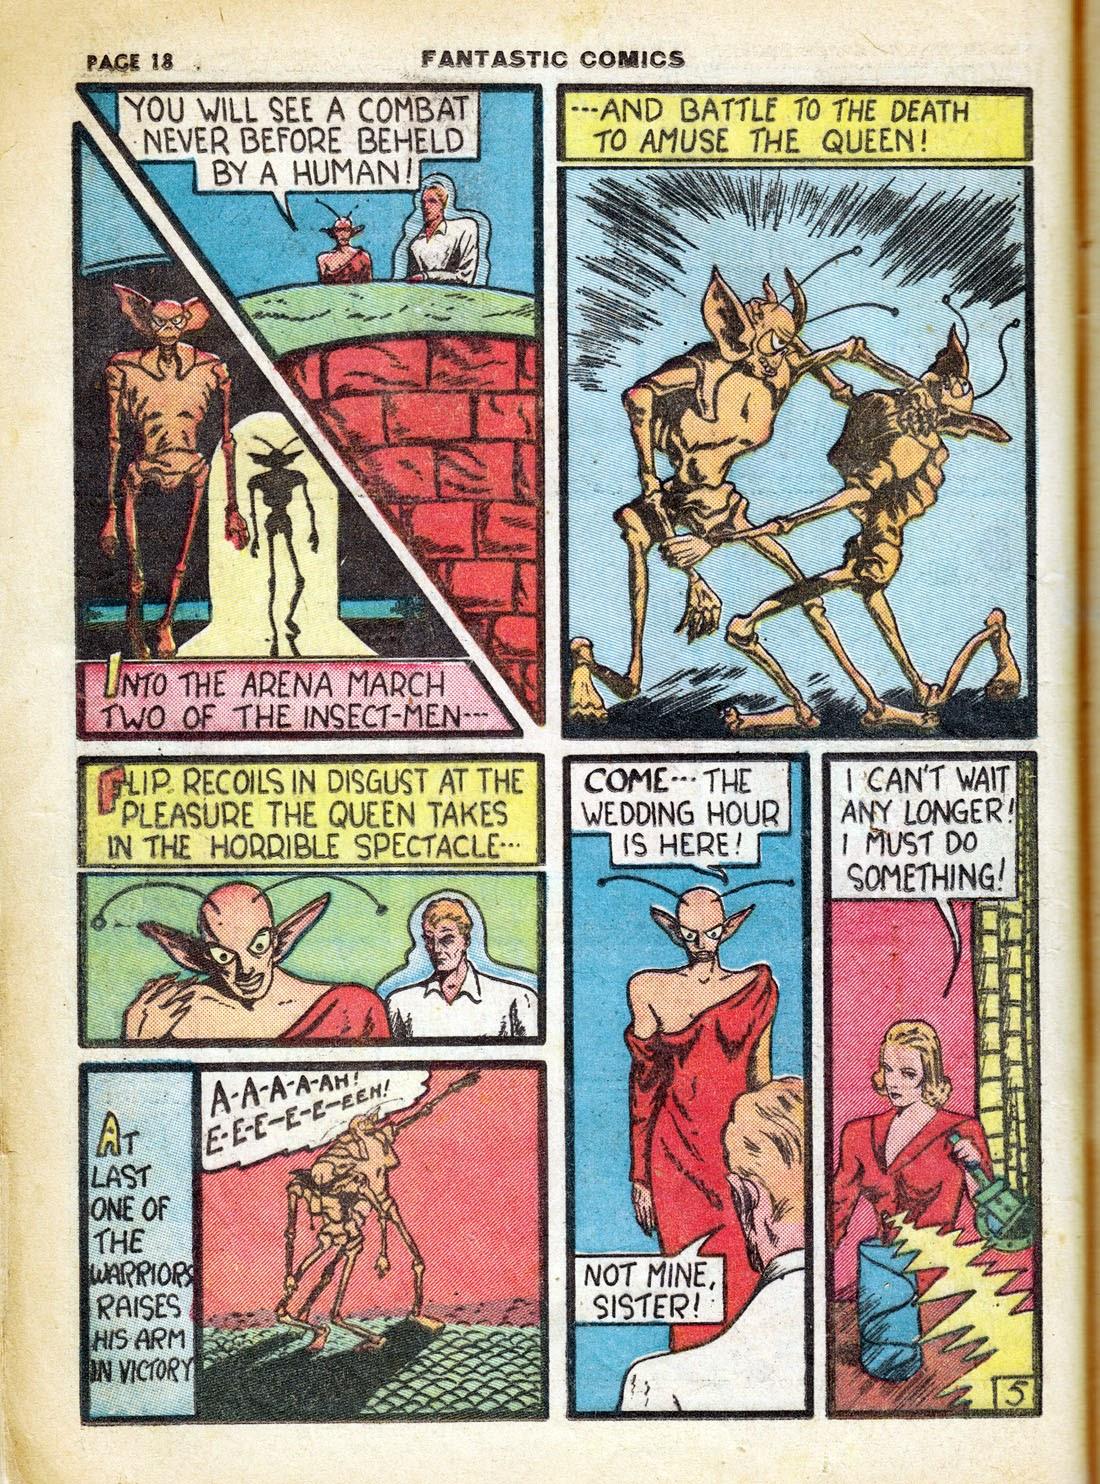 Read online Fantastic Comics comic -  Issue #7 - 20